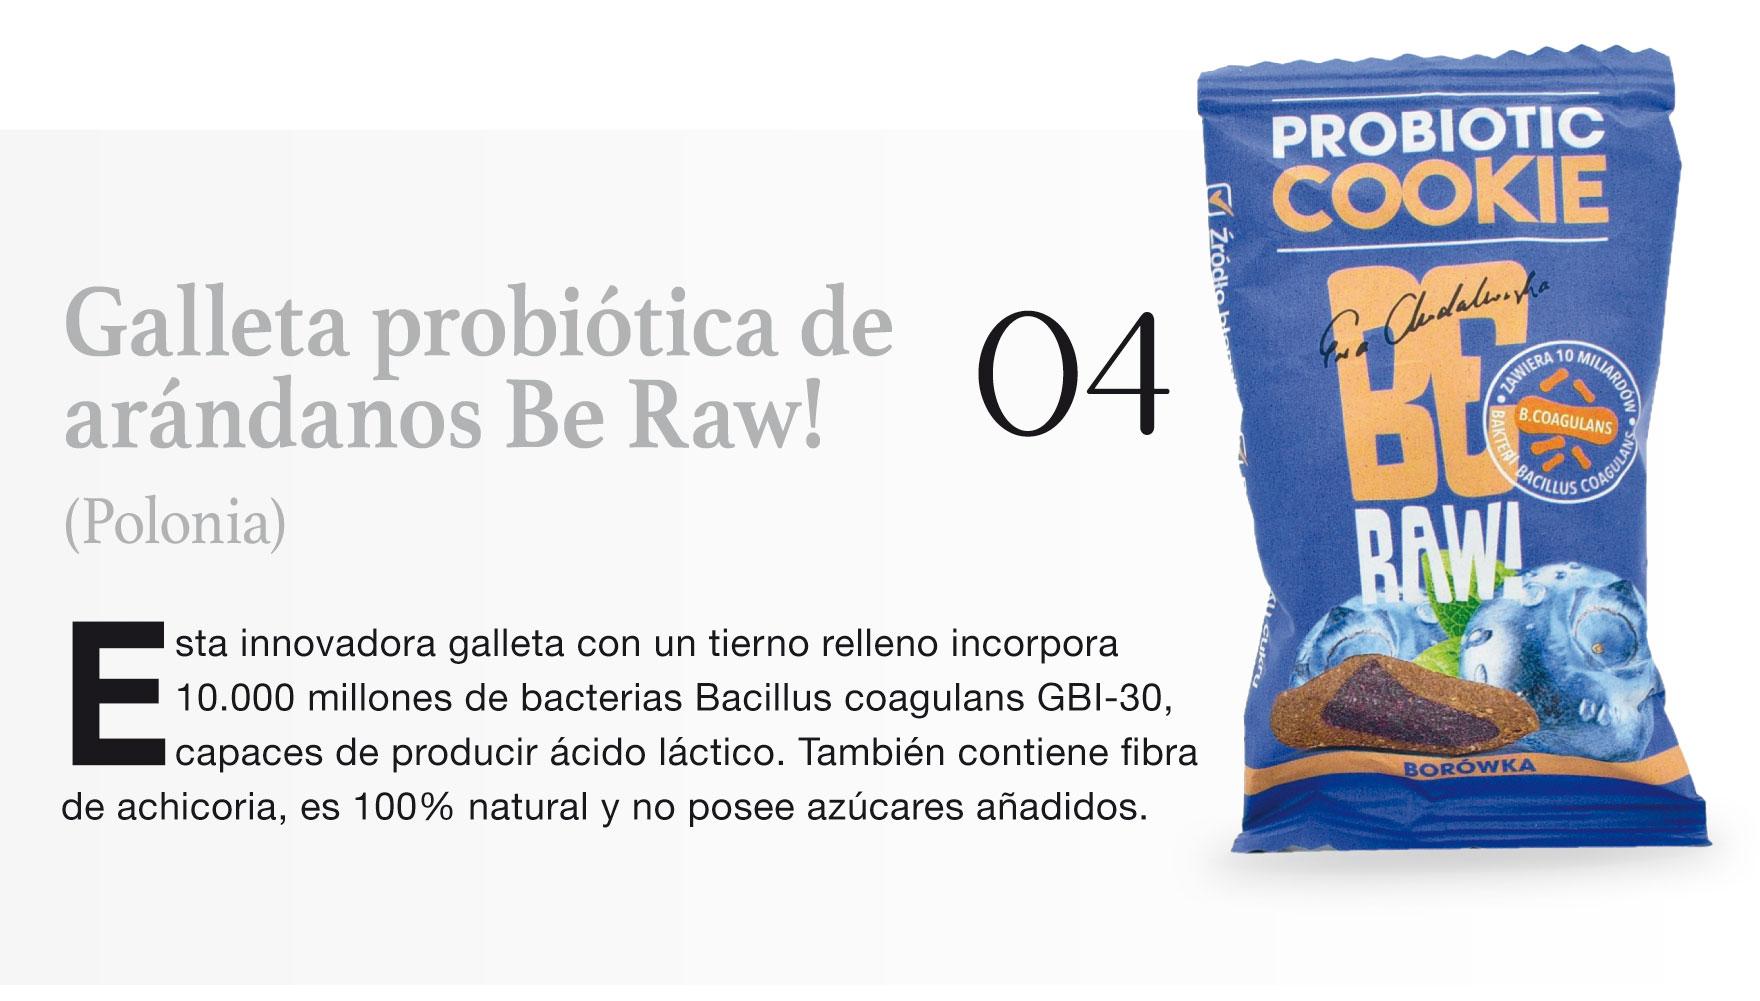 Galleta probiótica de 04 arándanos Be Raw! (Polonia)